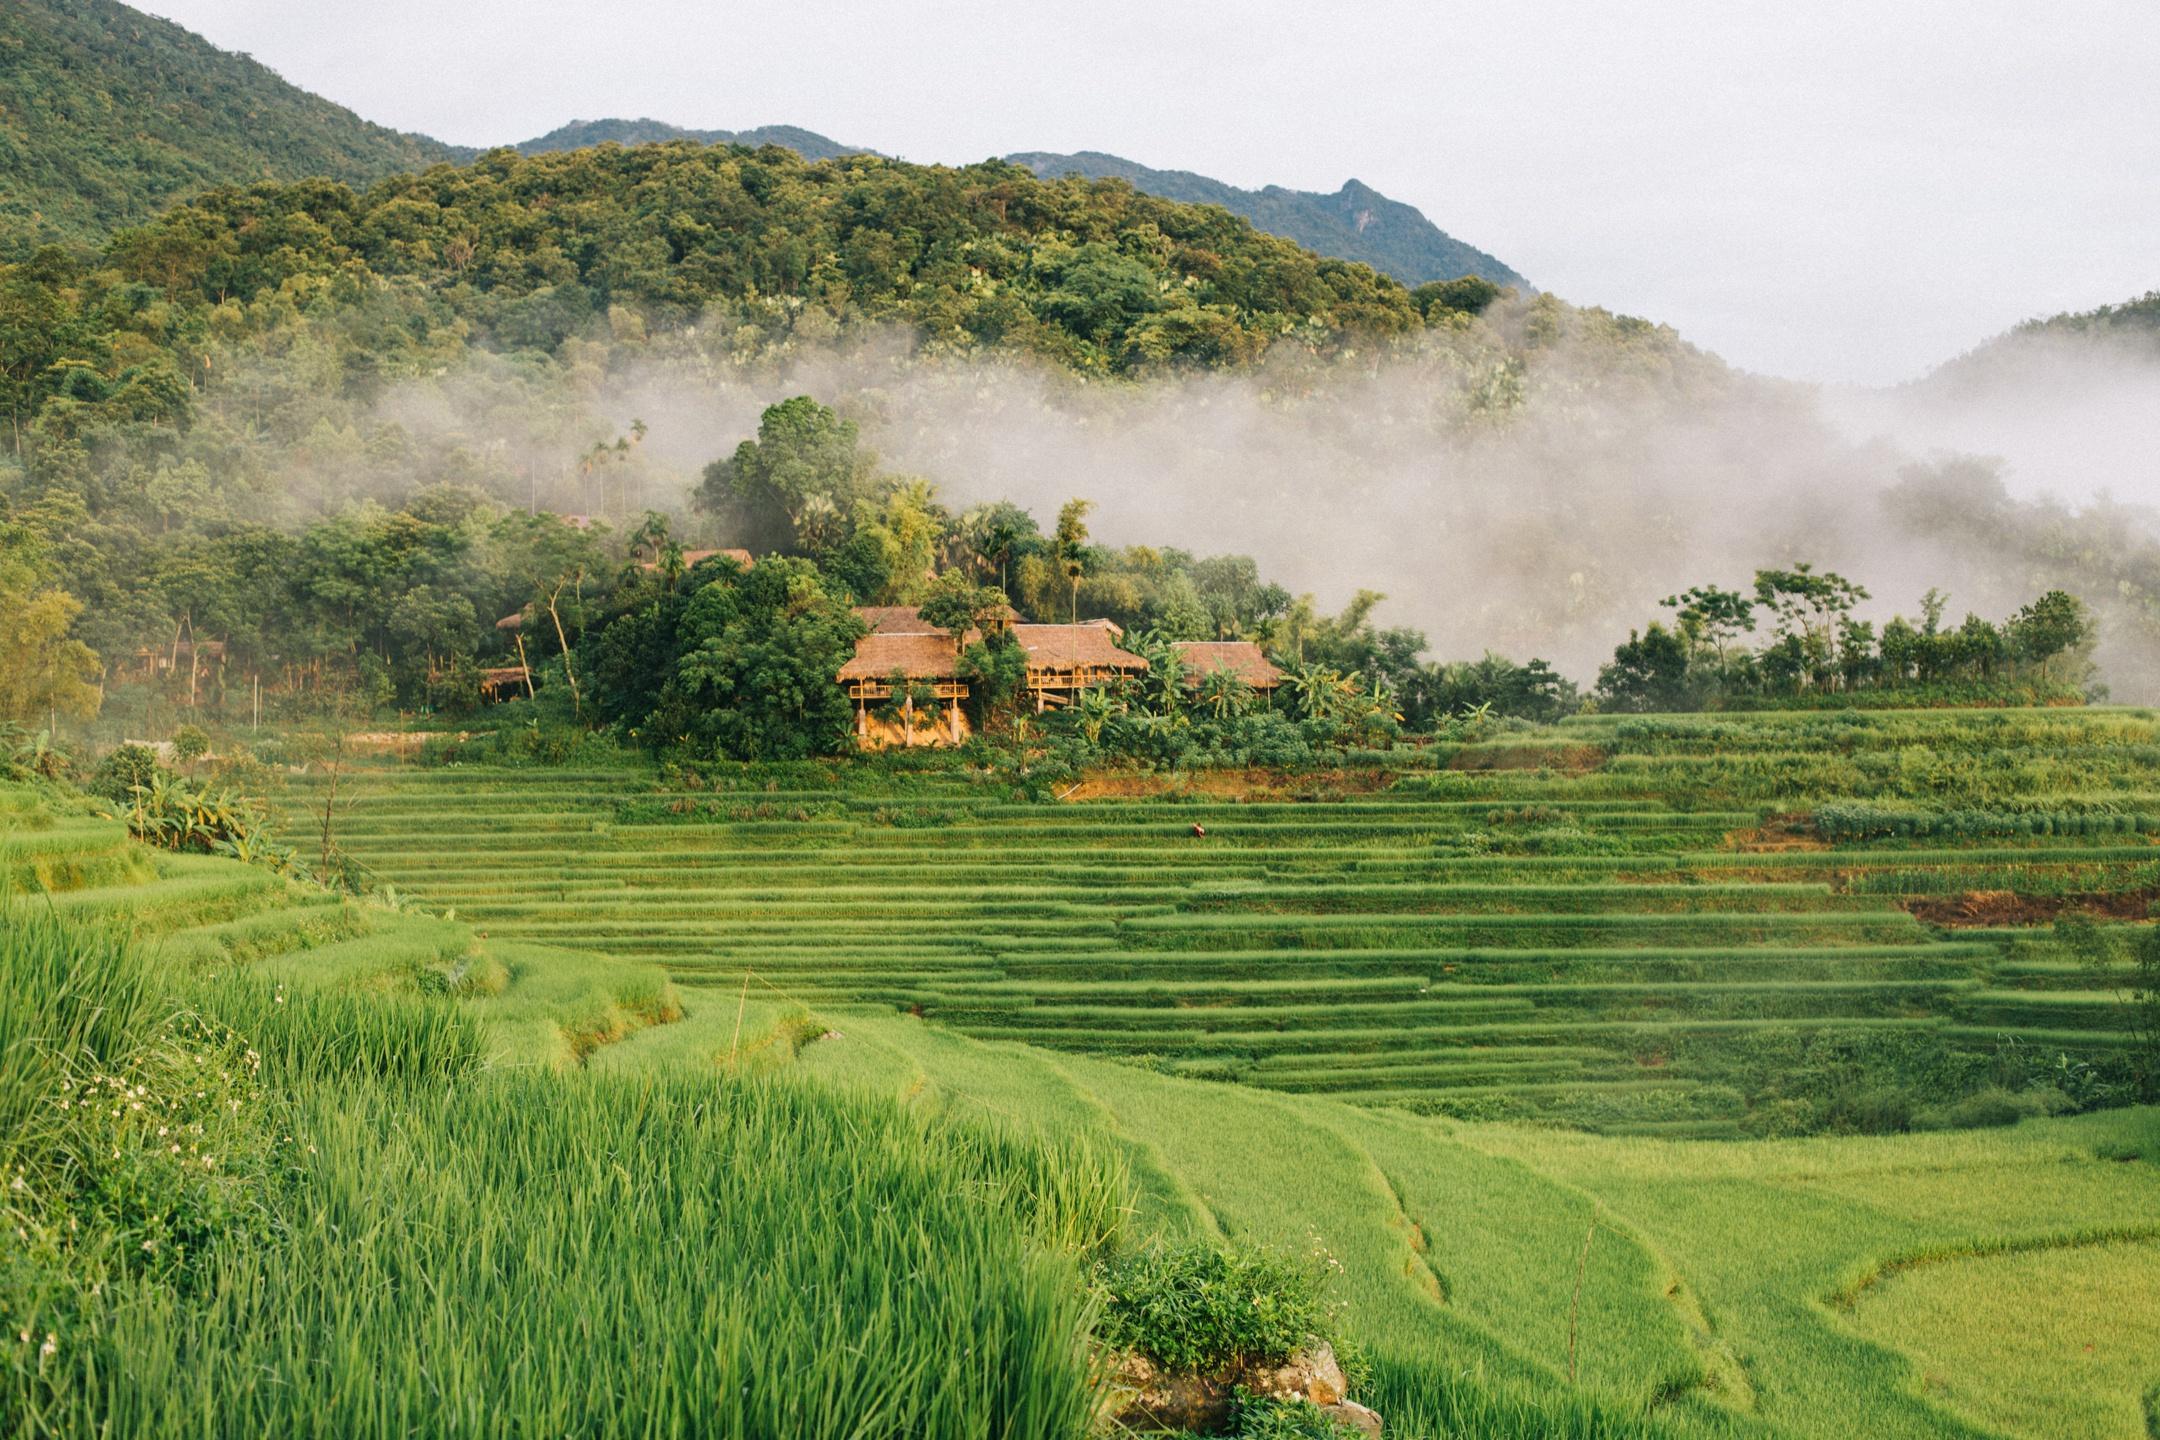 Tháng 9, đến Pù Luông ngắm lúa Ảnh 1